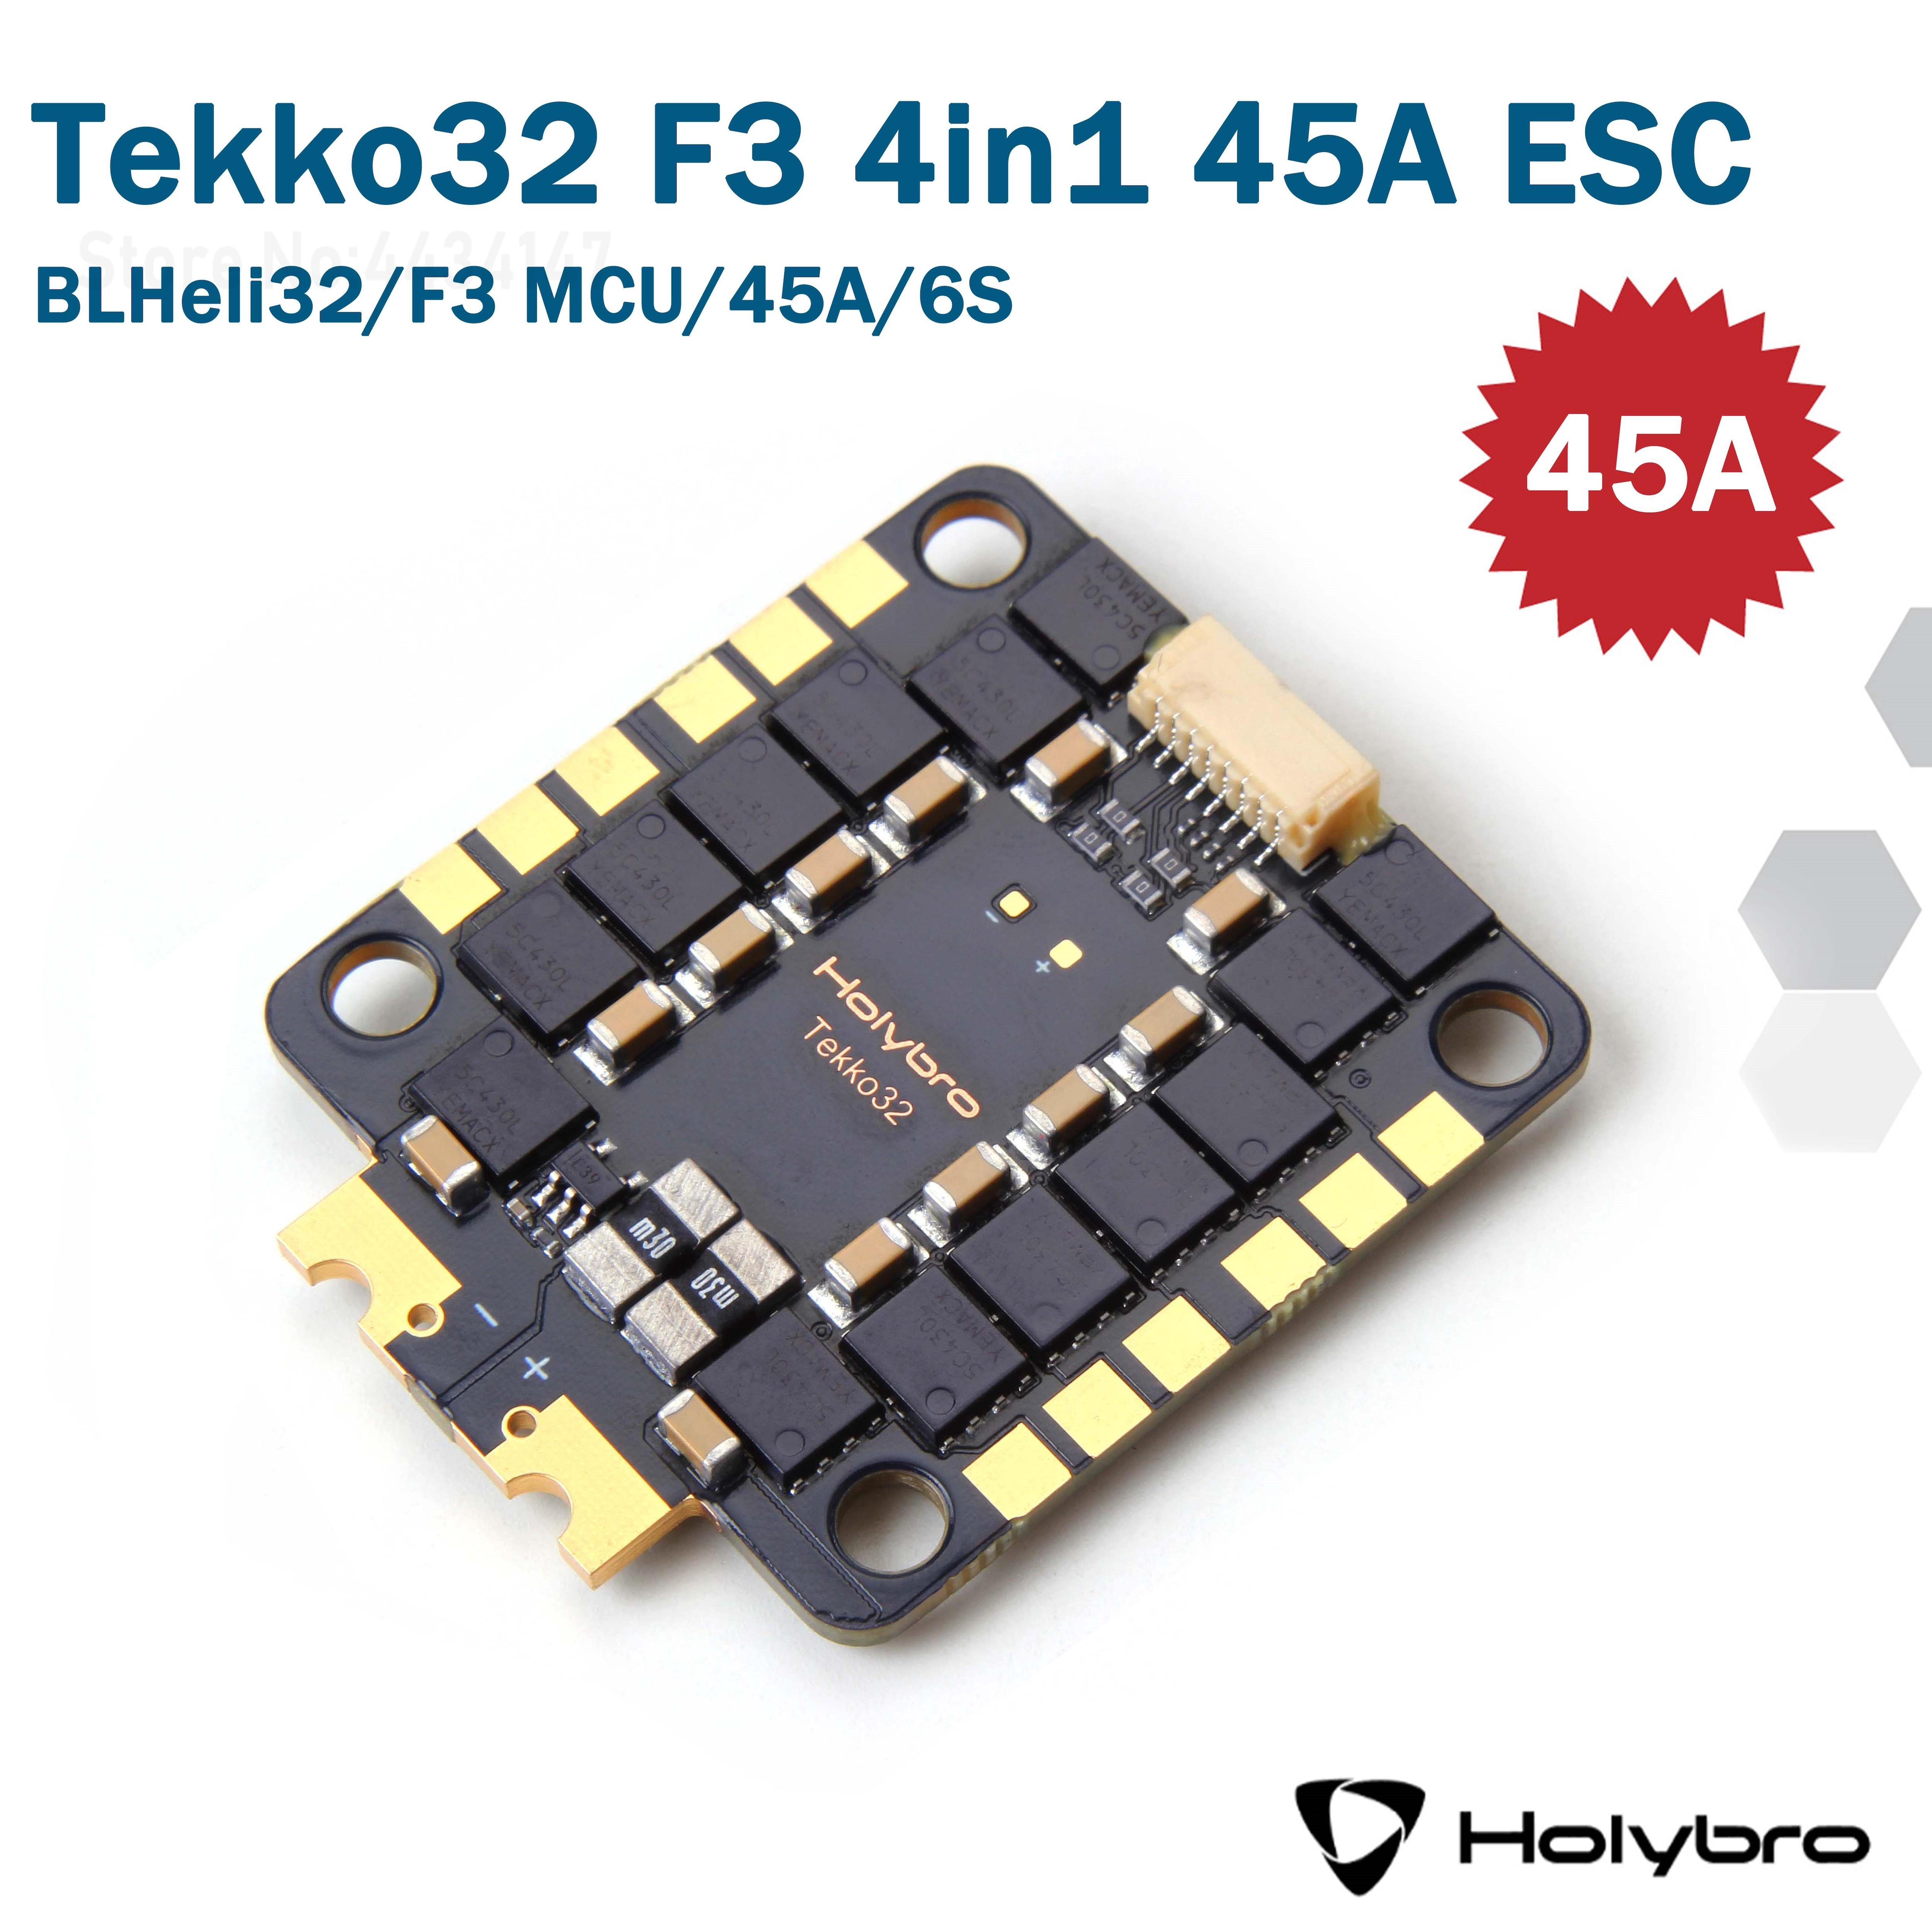 Holybro Tekko32 F3 HDV 40A 45A blheli _ 32 3-6S 30.5X30.5MM 4 в 1 бесщеточный ESC поддерживает oneshot/Multishot/Dshot PWM для радиоуправляемого дрона